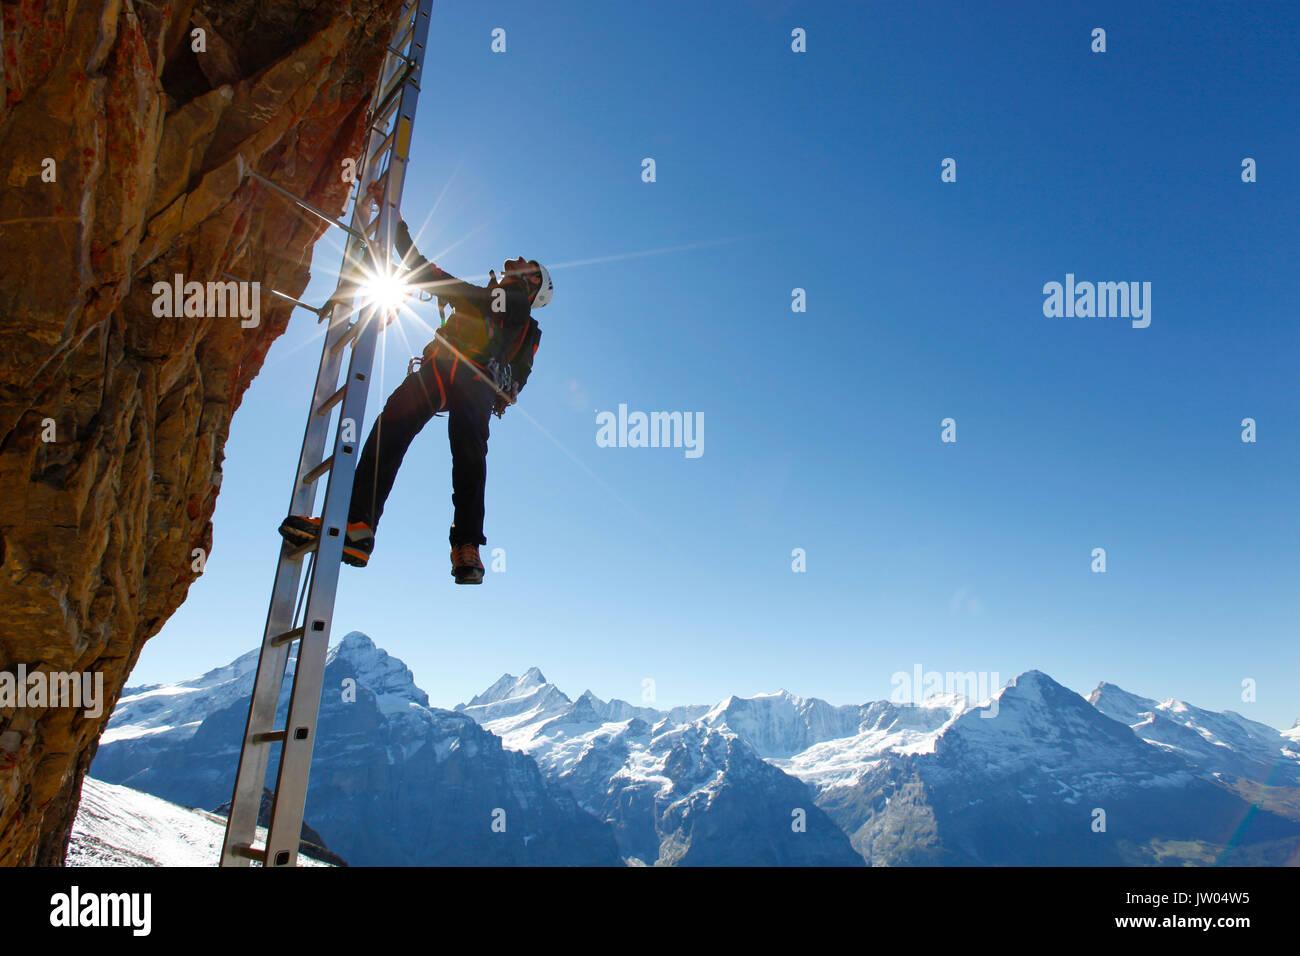 Ein Bergsteiger auf einer Leiter der Klettersteig auf den Gipfel des Schwarzhorn, einem Berg oberhalb Grindelwald in den Schweizer Alpen. Stockbild